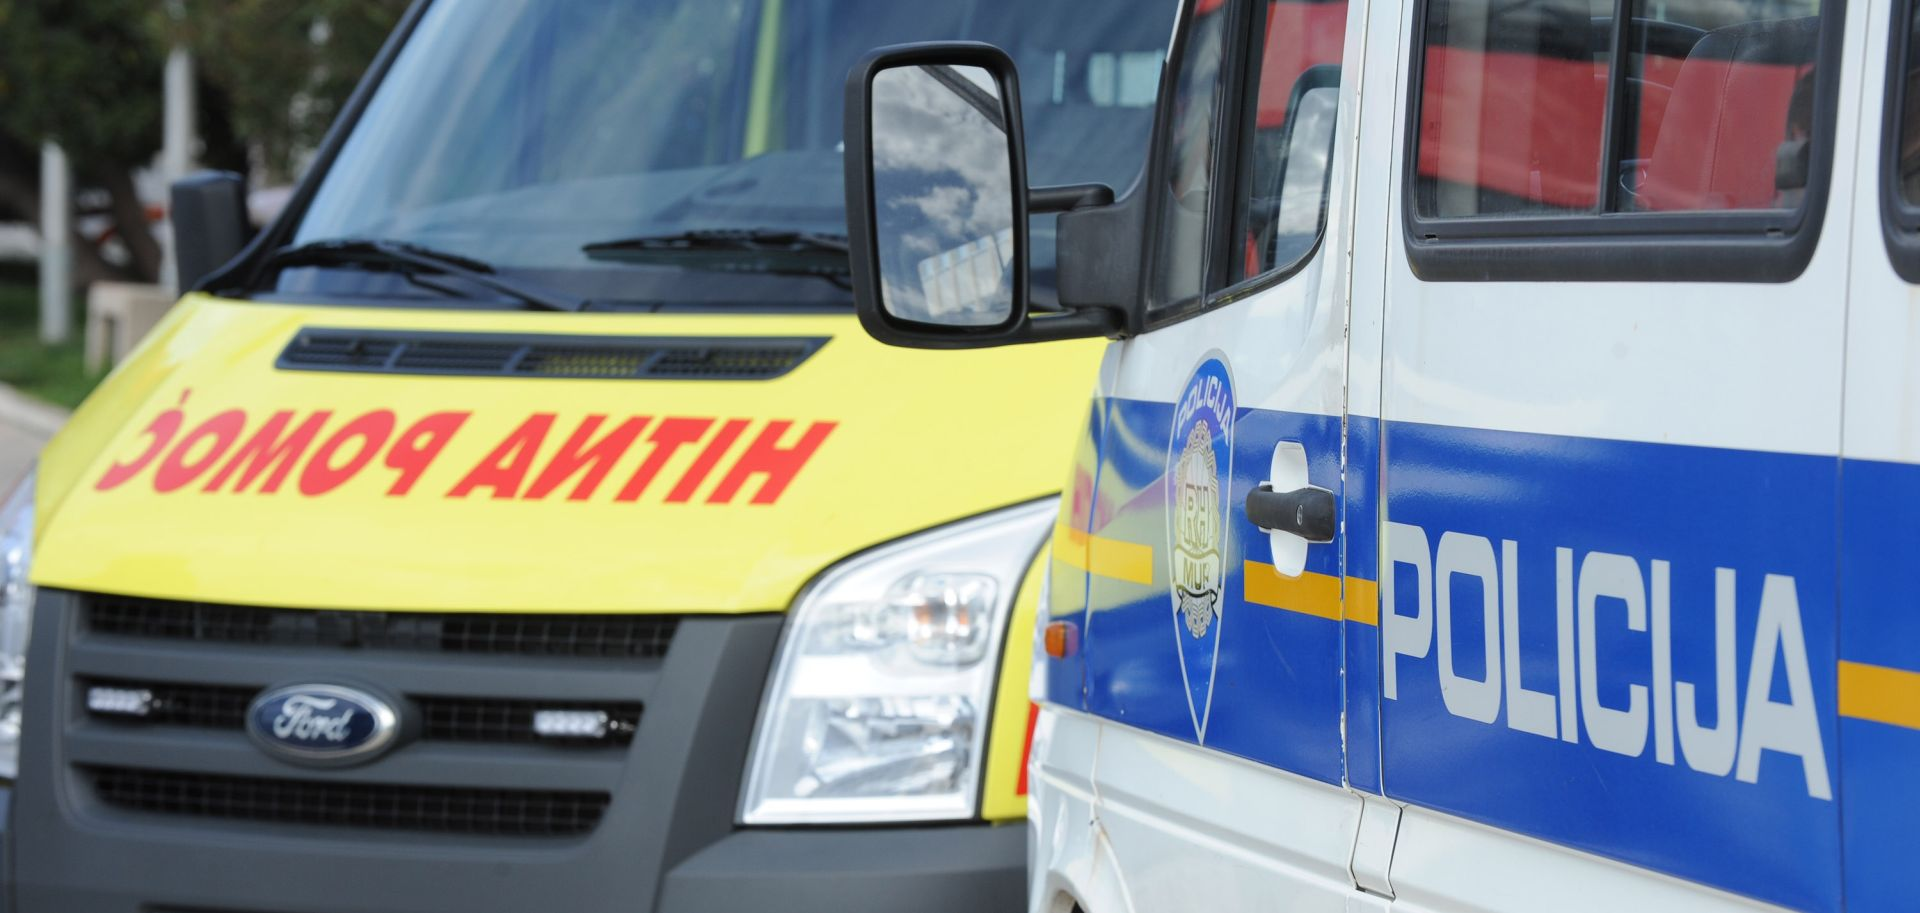 PROMETNA U DUBROVNIKU Policajac izvan službe ozlijedio dvije osobe